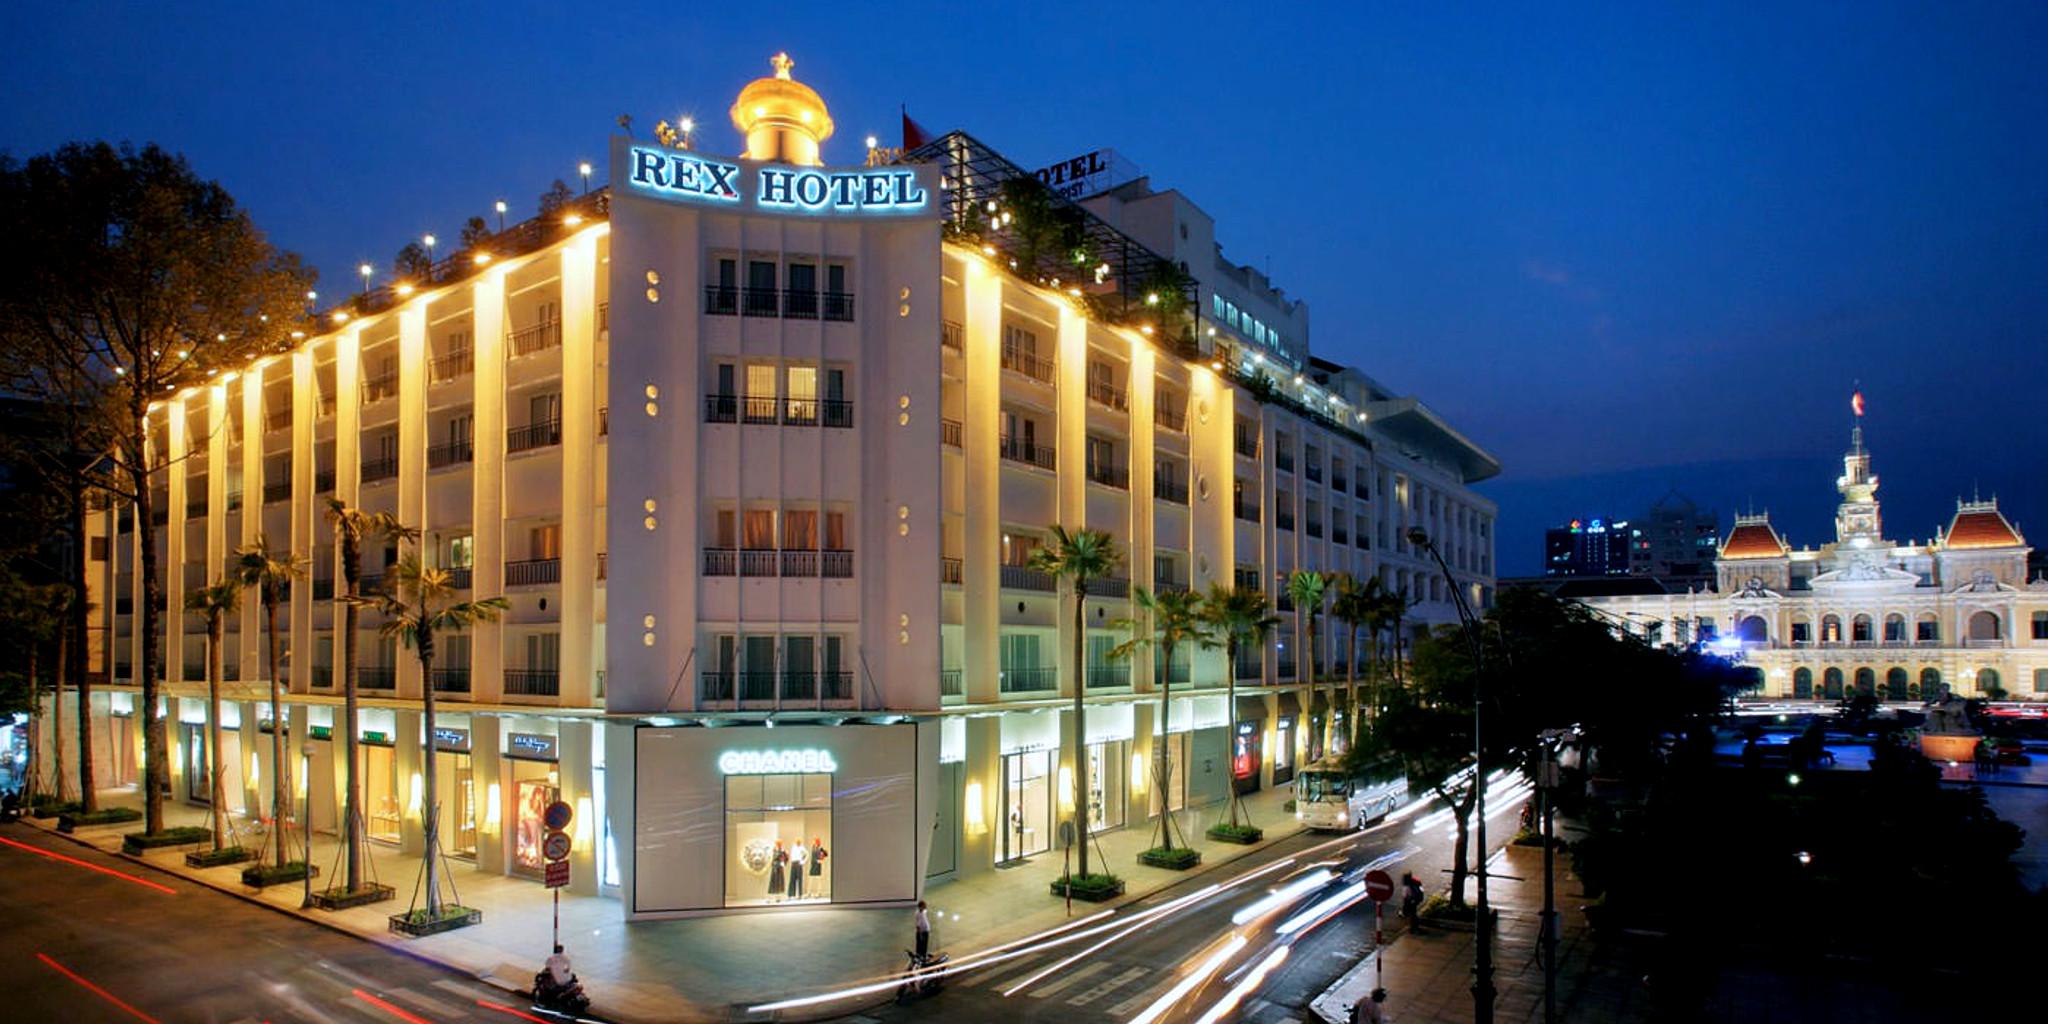 Best Hotel in Ho Chi Minh City-Rex Hotel (Club Dynasty)